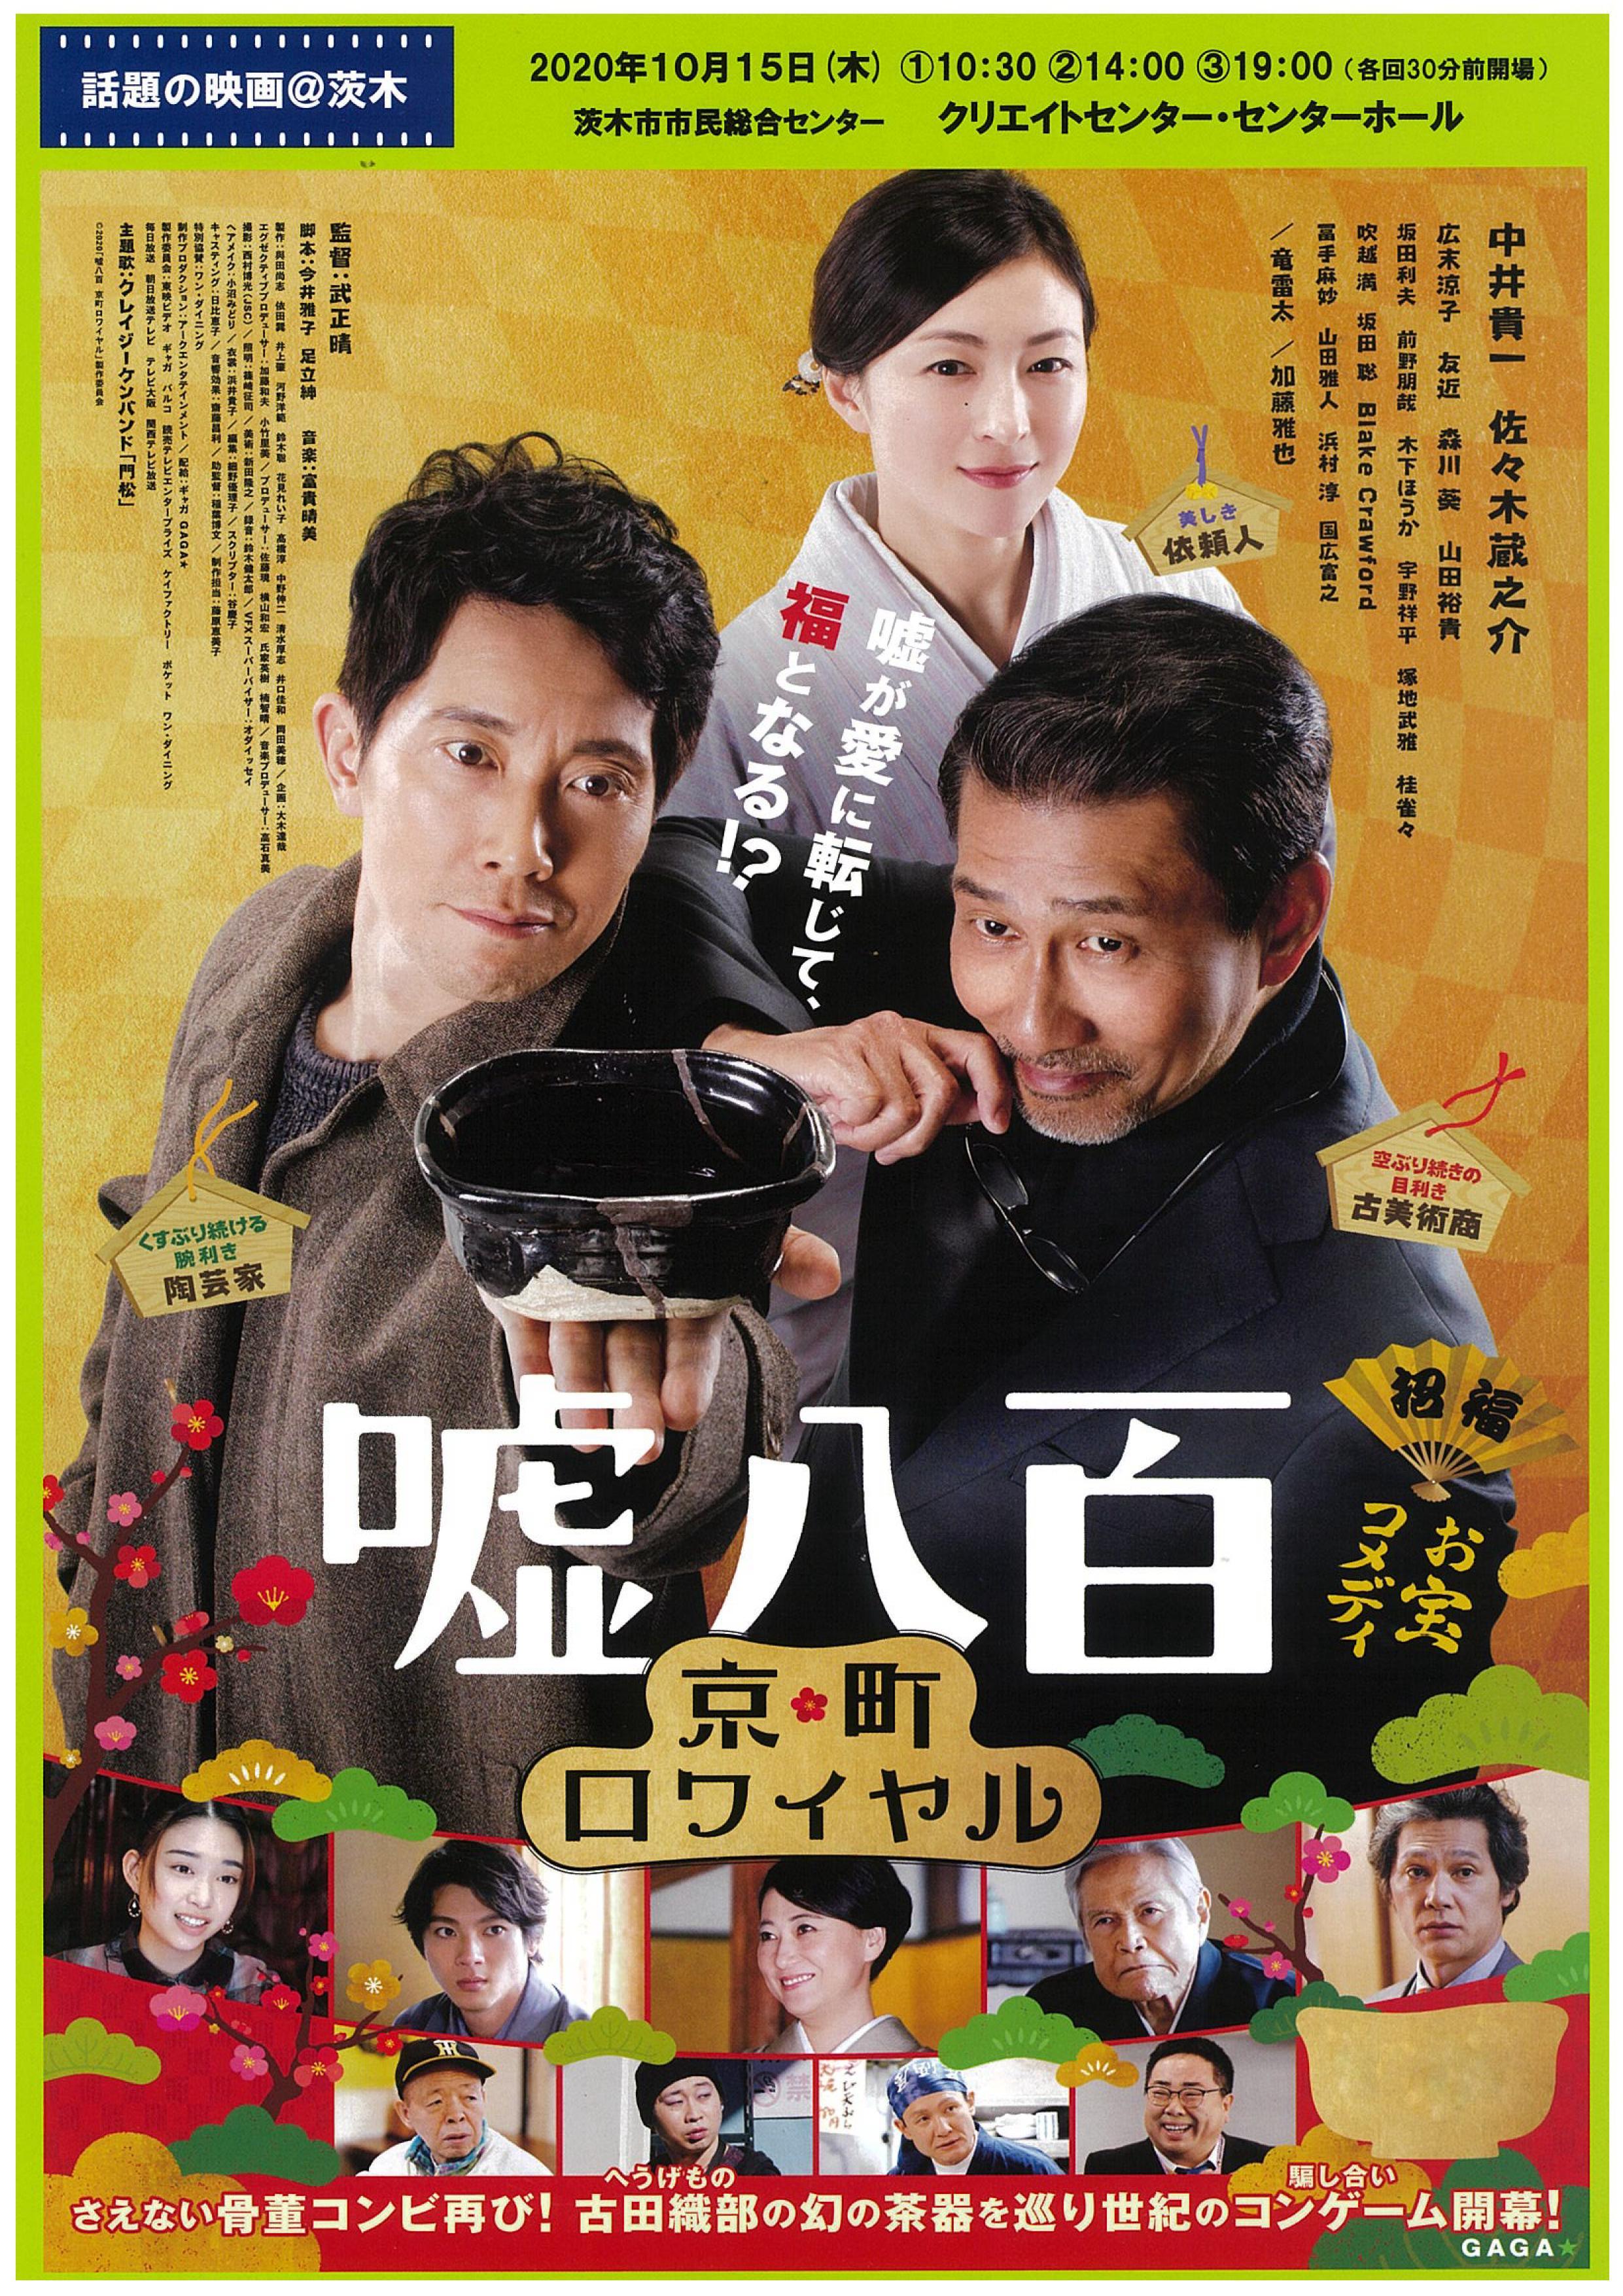 話題の映画@茨木「噓八百 京町ロワイヤル」